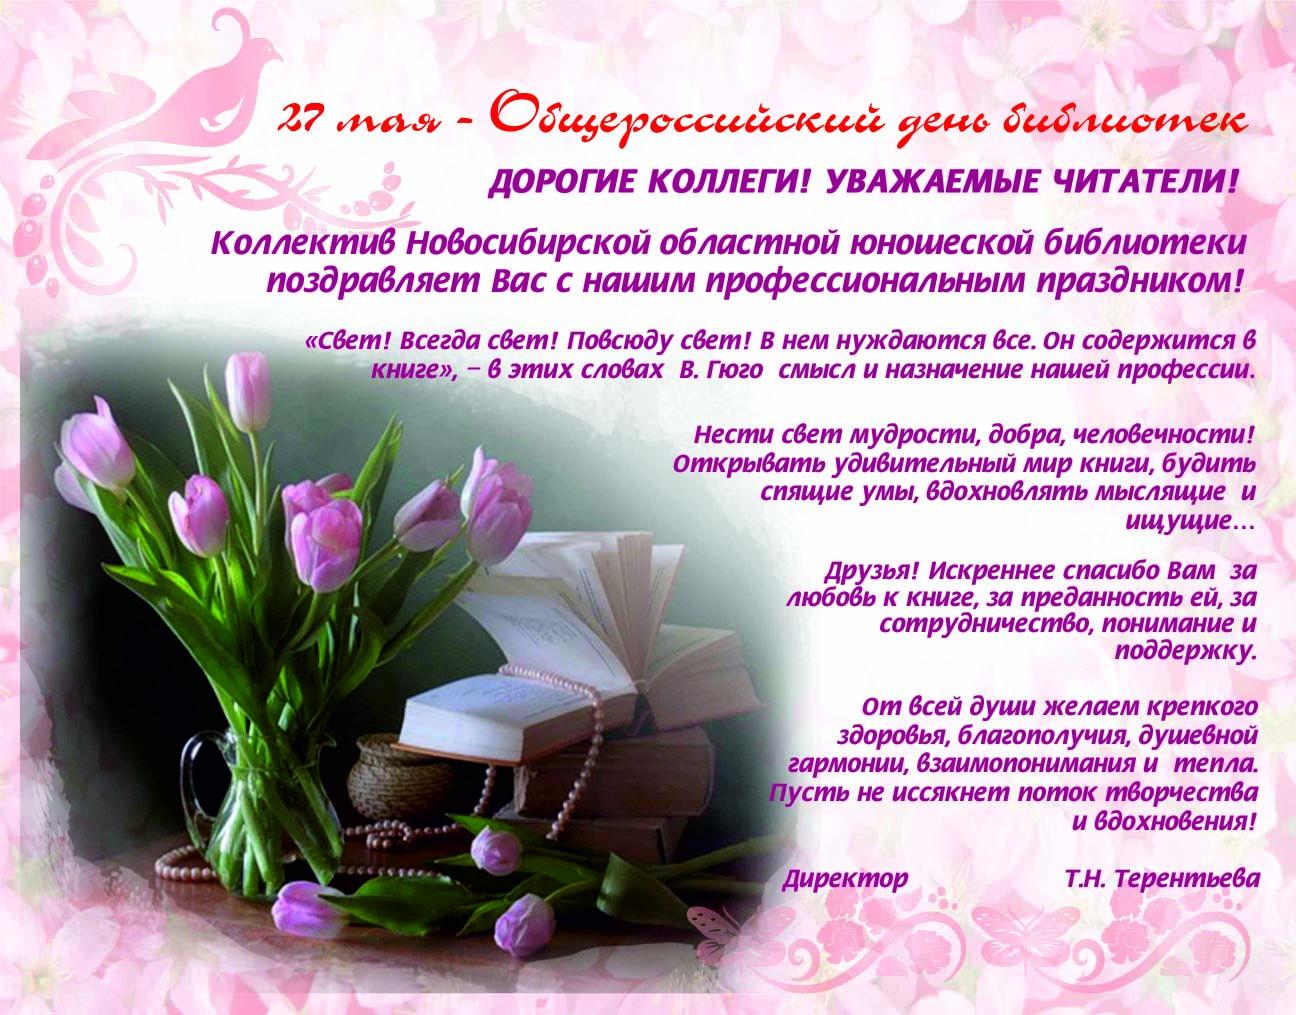 С днем рождения библиотека поздравления в прозе, свадьба